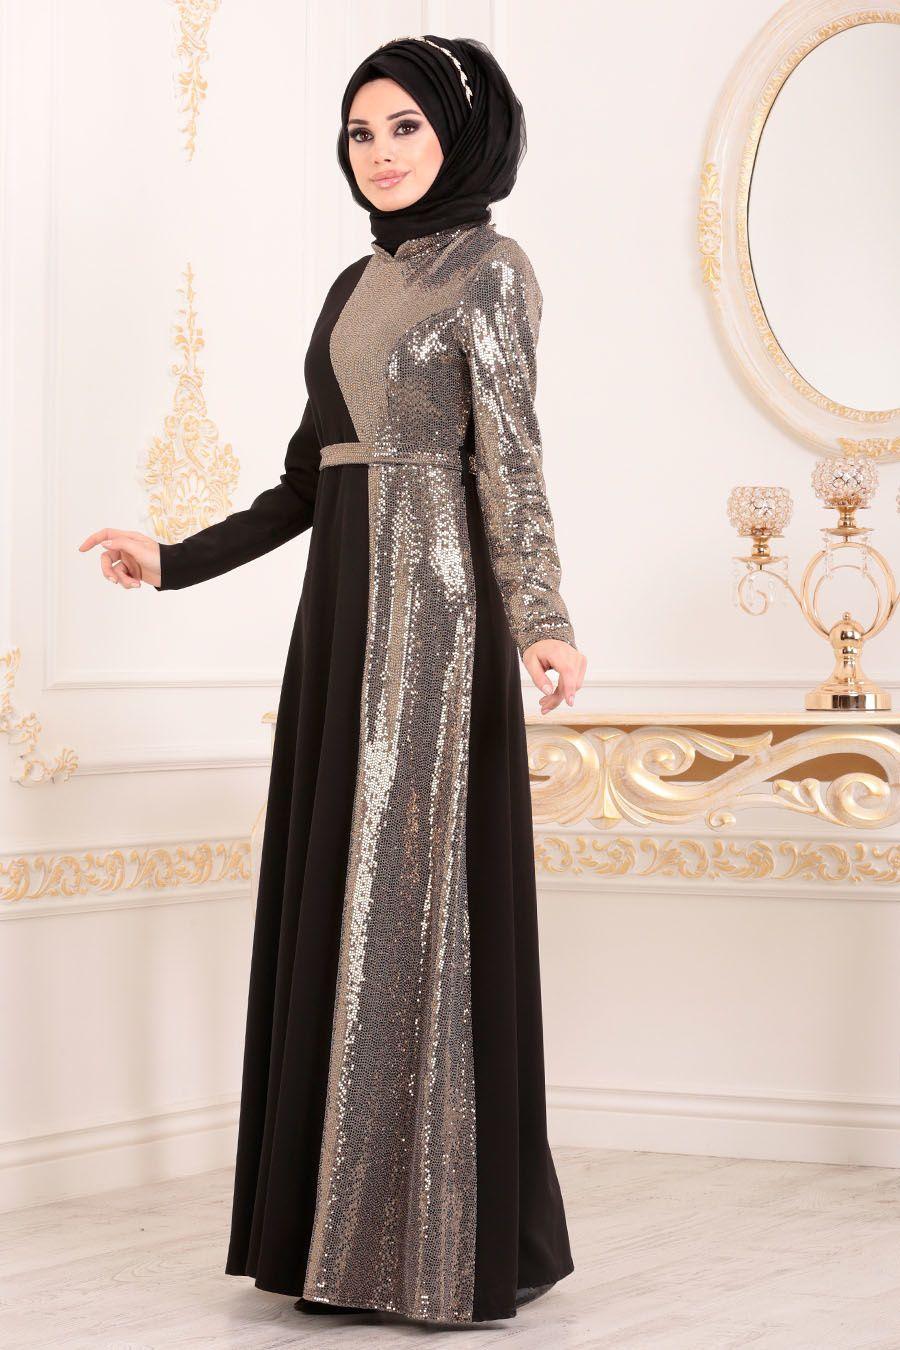 Tesetturlu Abiye Elbise Kemerli Gold Tesettur Abiye Elbise 1234gold Tesetturisland Com Siyah Abiye Abaya Tarzi Elbise